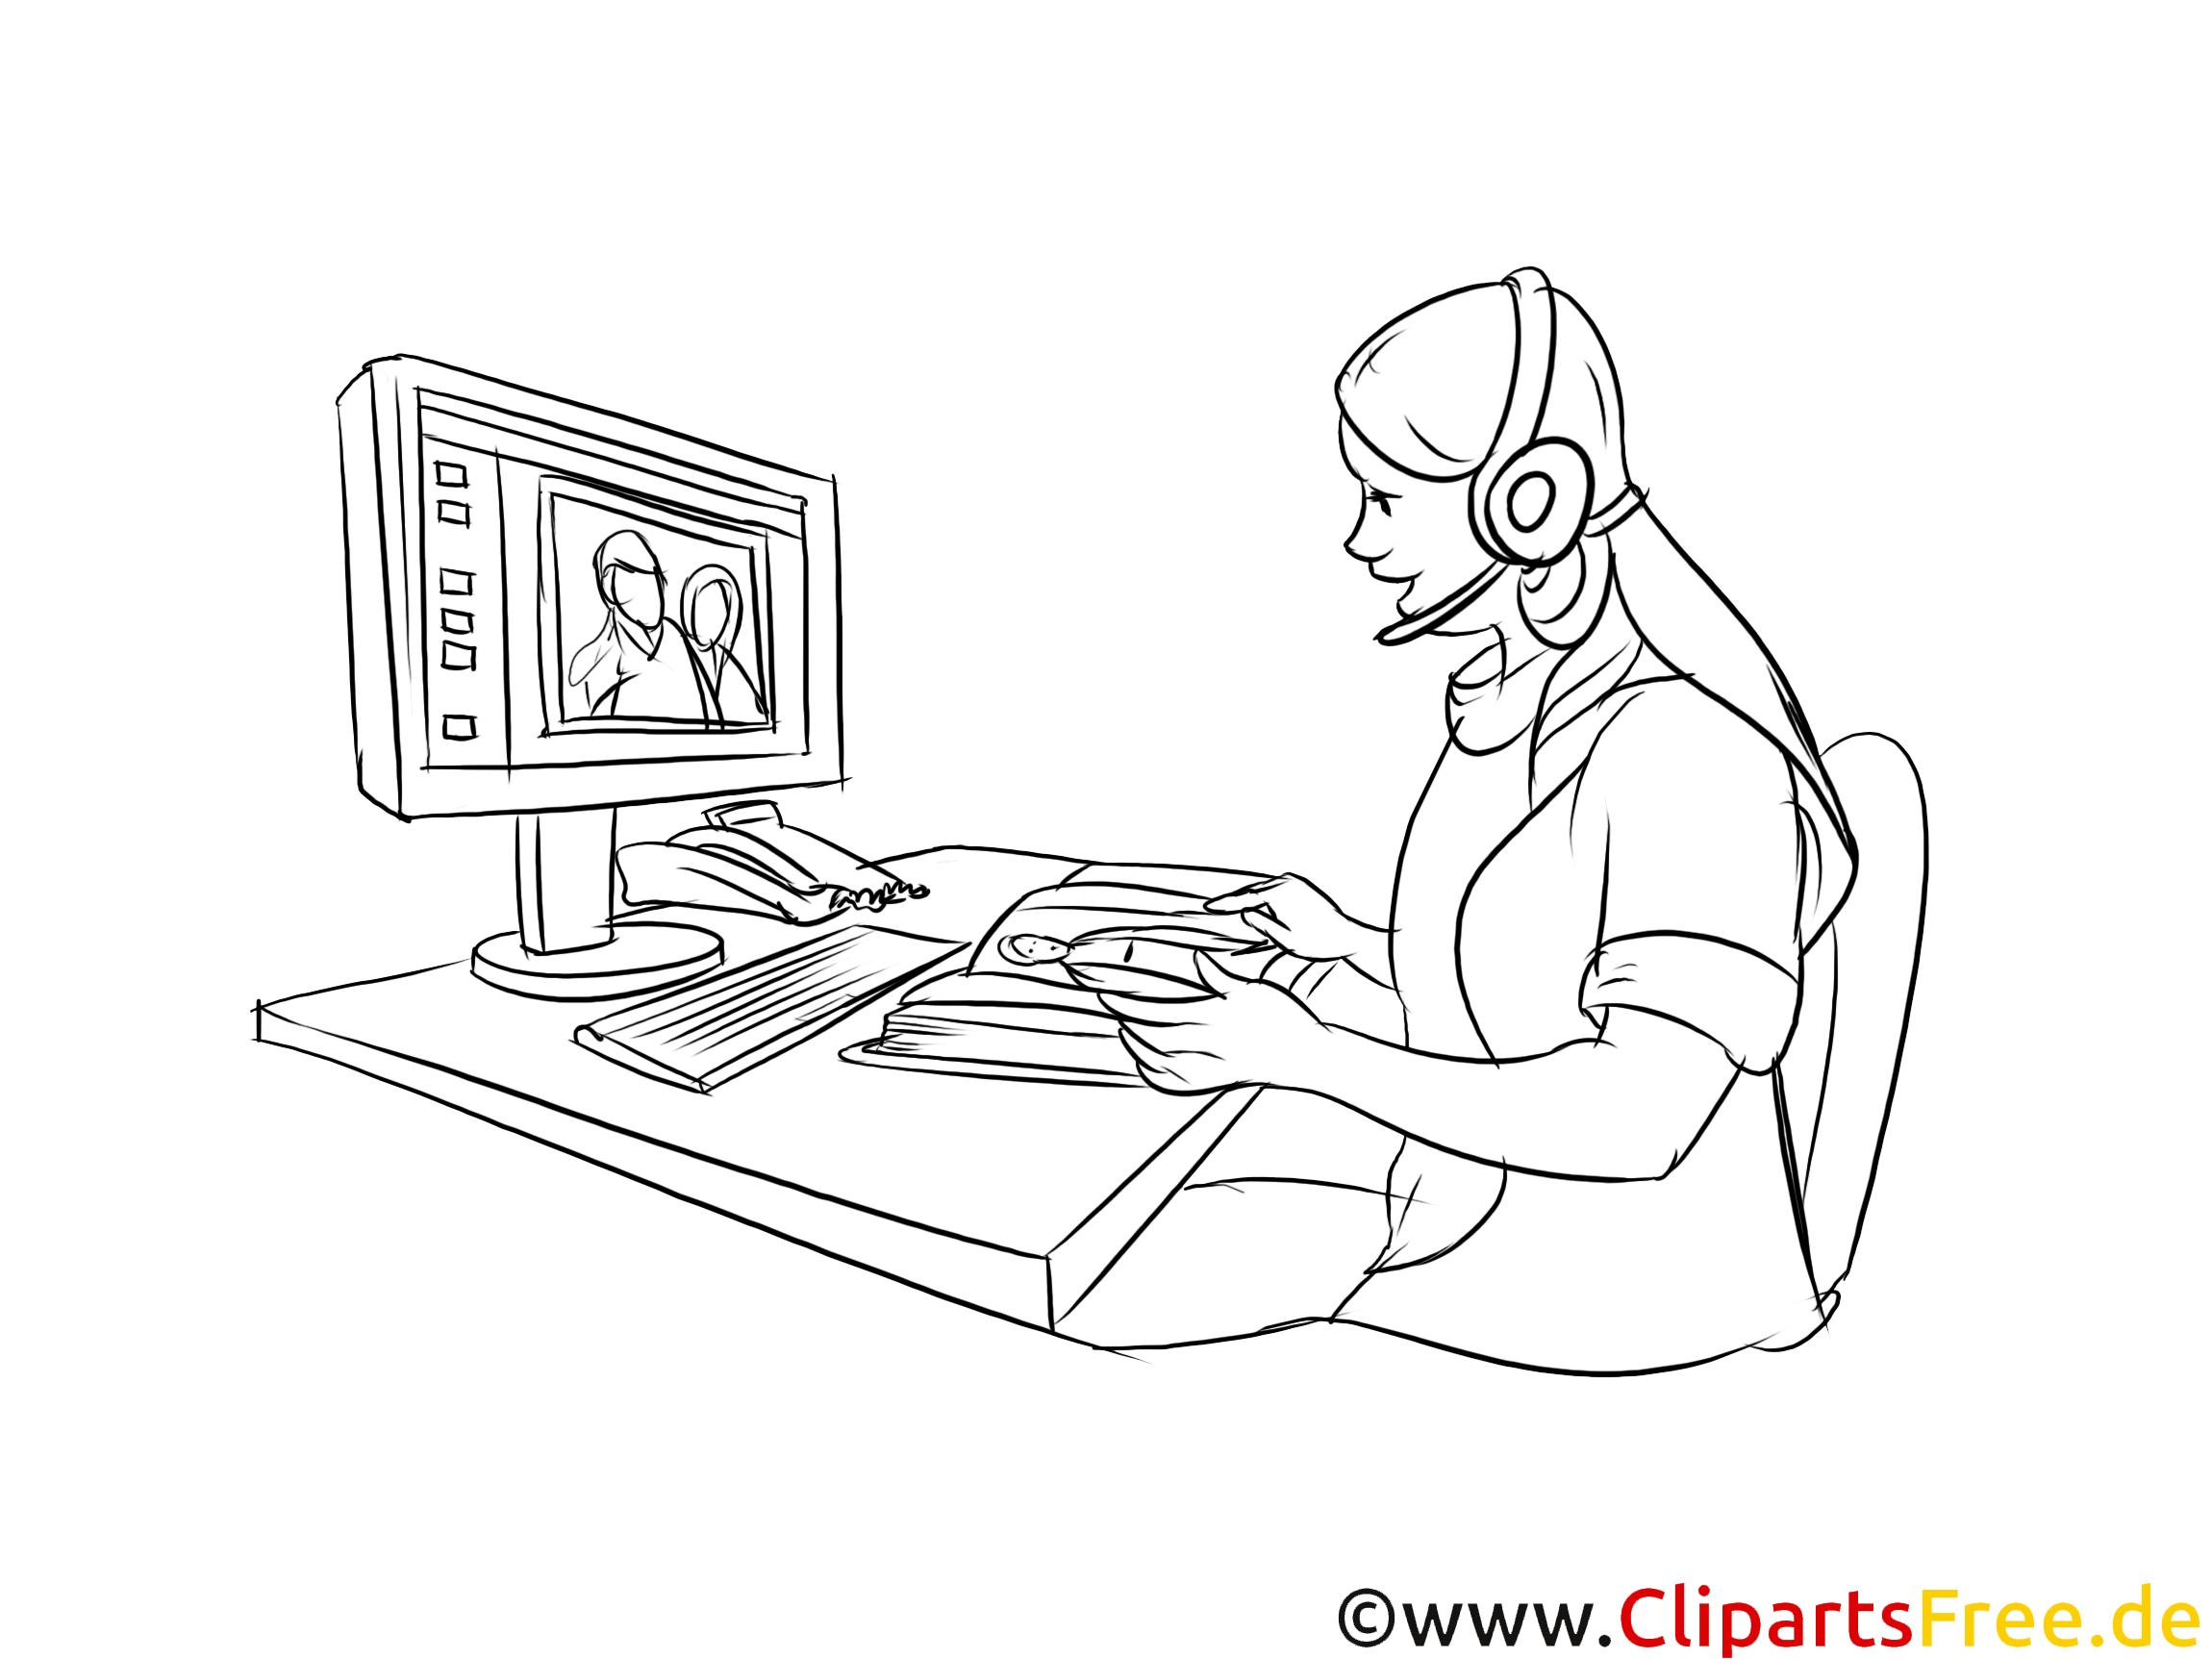 Telefonistin Grafik, Bild, Clipart zum Drucken schwarzweiß